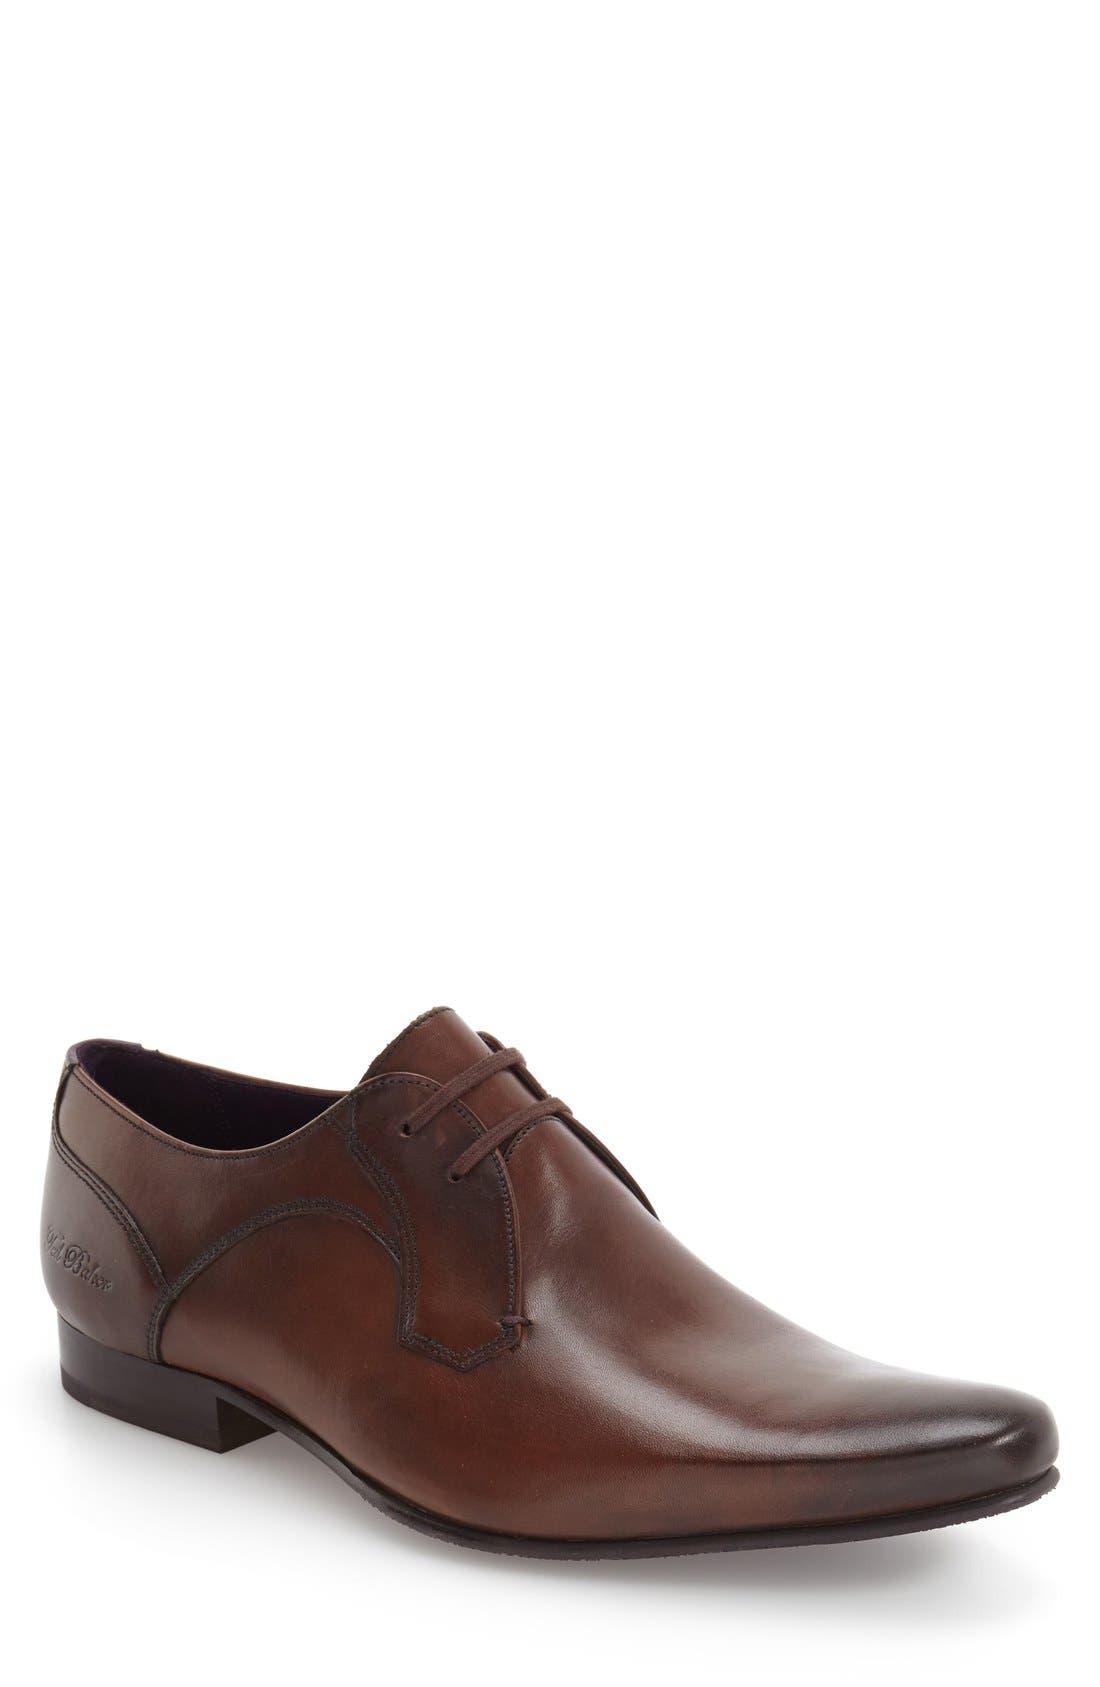 Alternate Image 1 Selected - Ted Baker London 'Martt 2' Plain Toe Derby (Men)